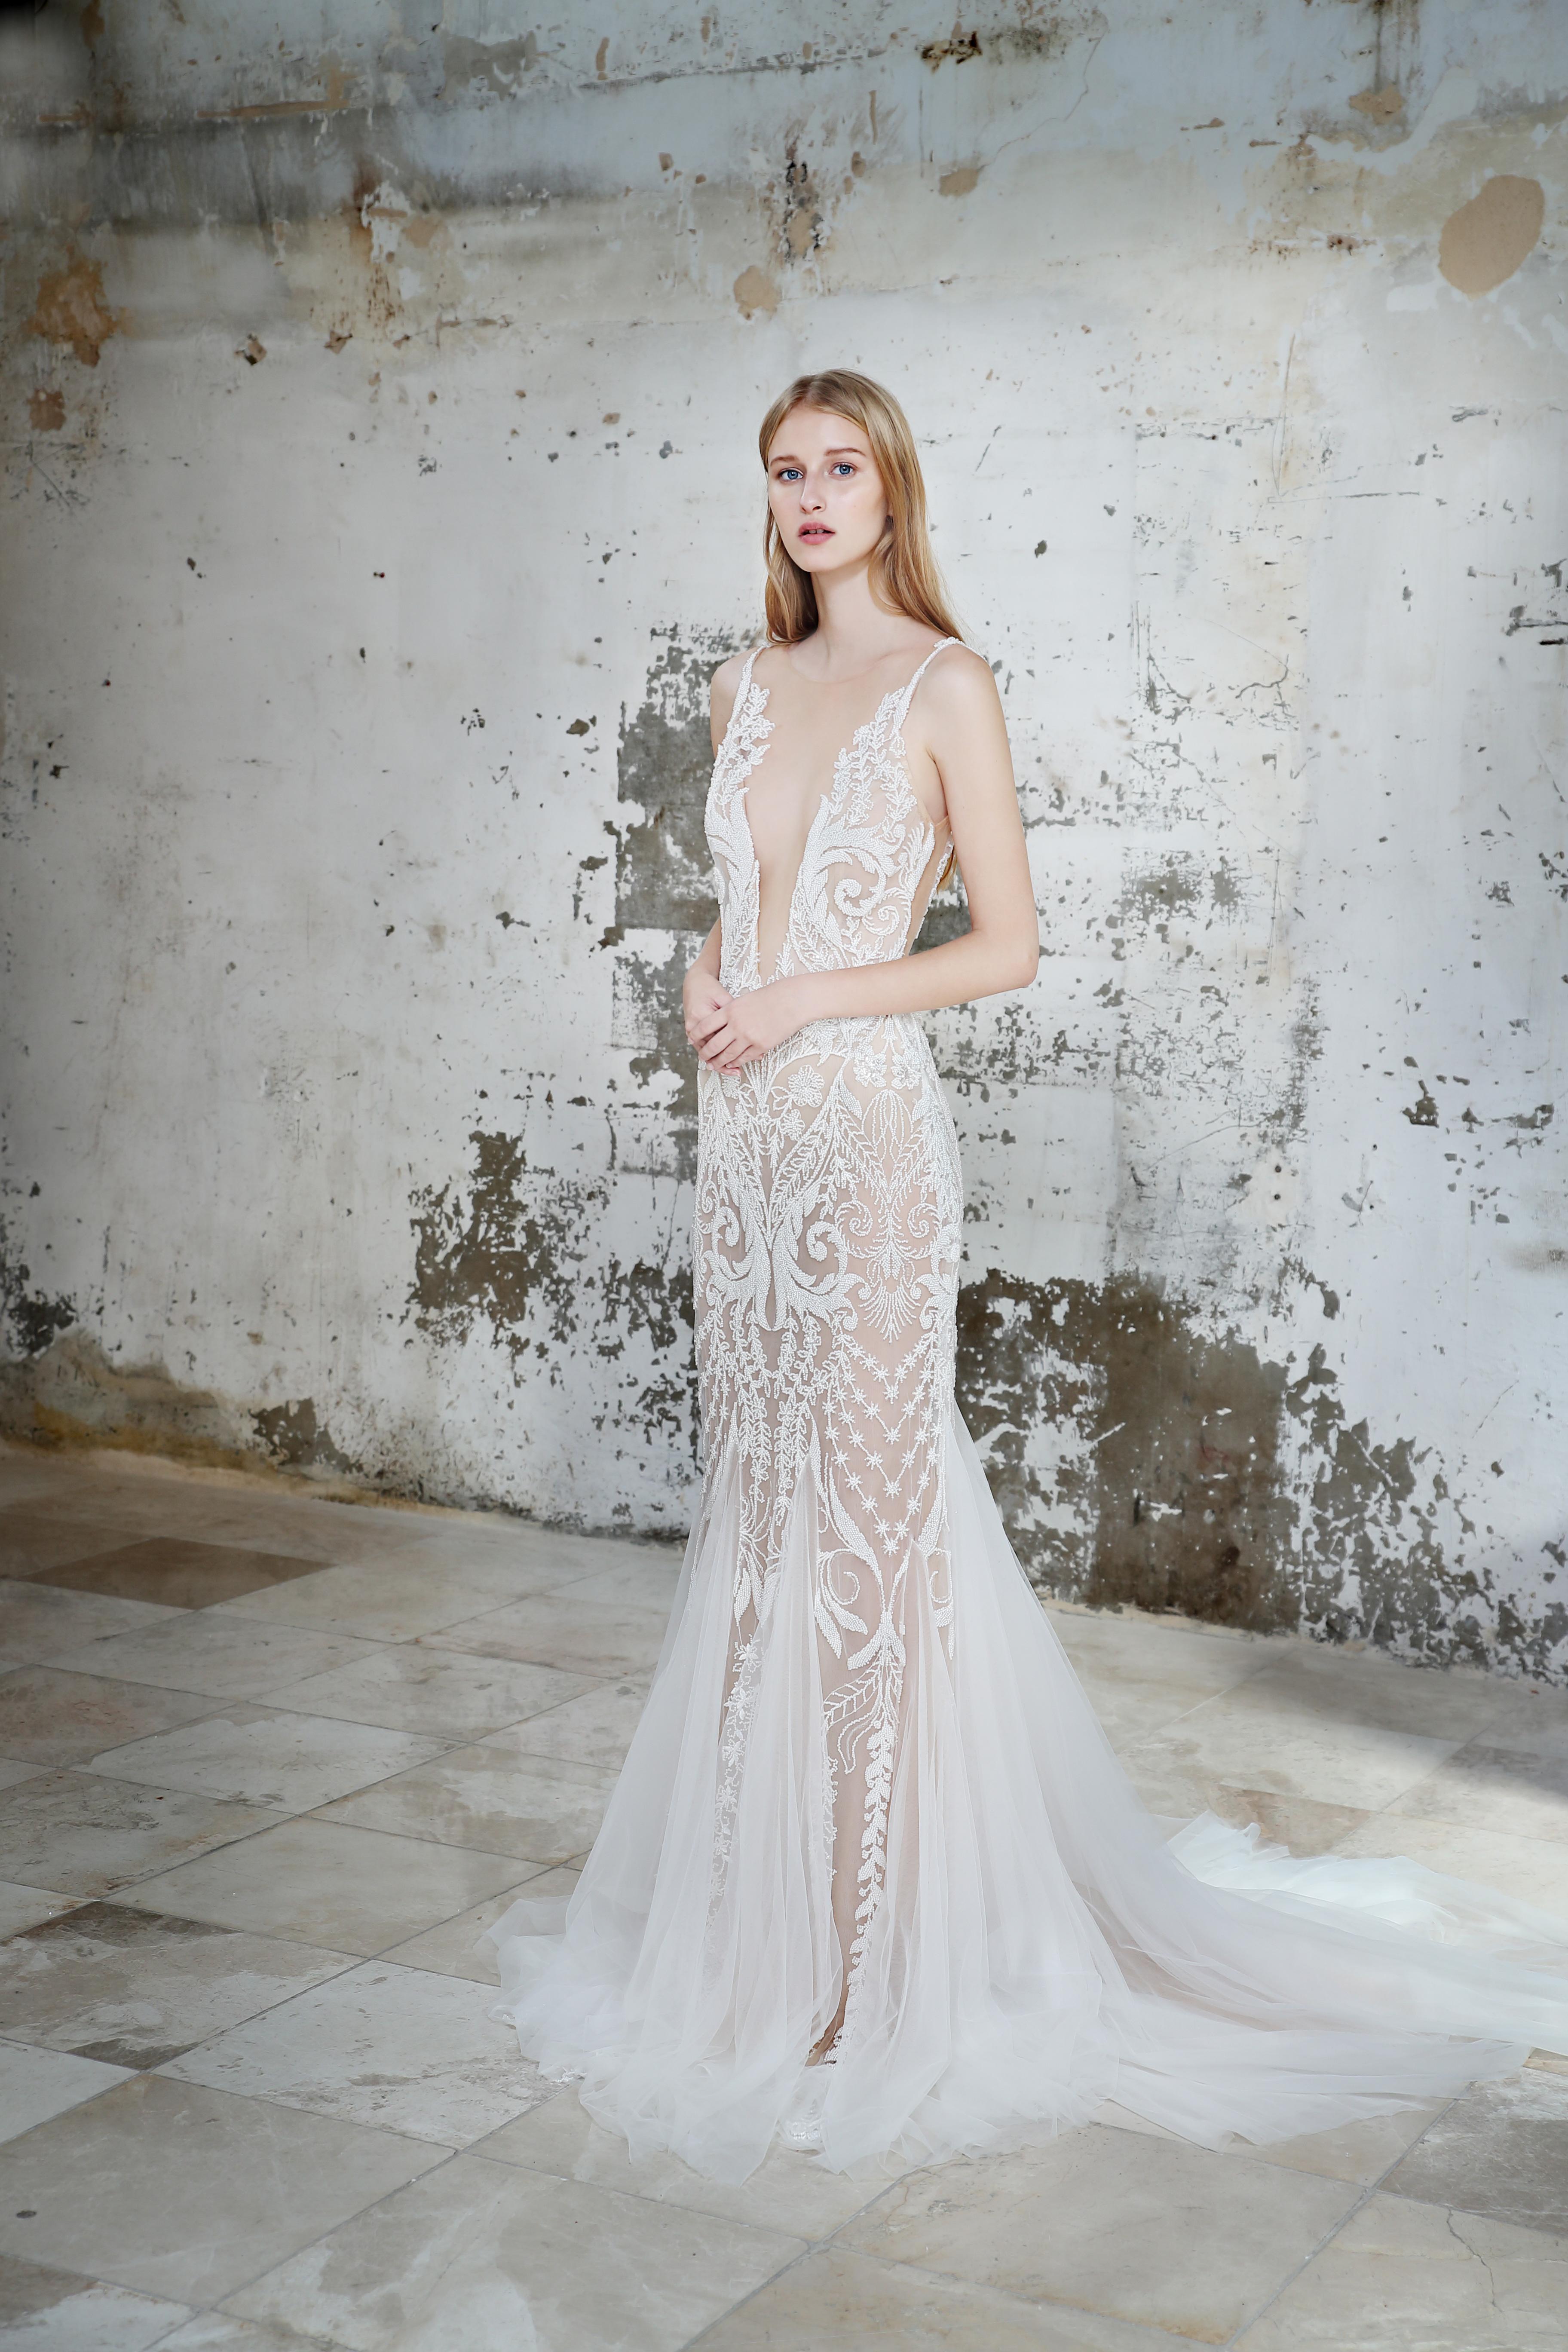 Gala by Galia Lahav sheer wedding dress fall 2019